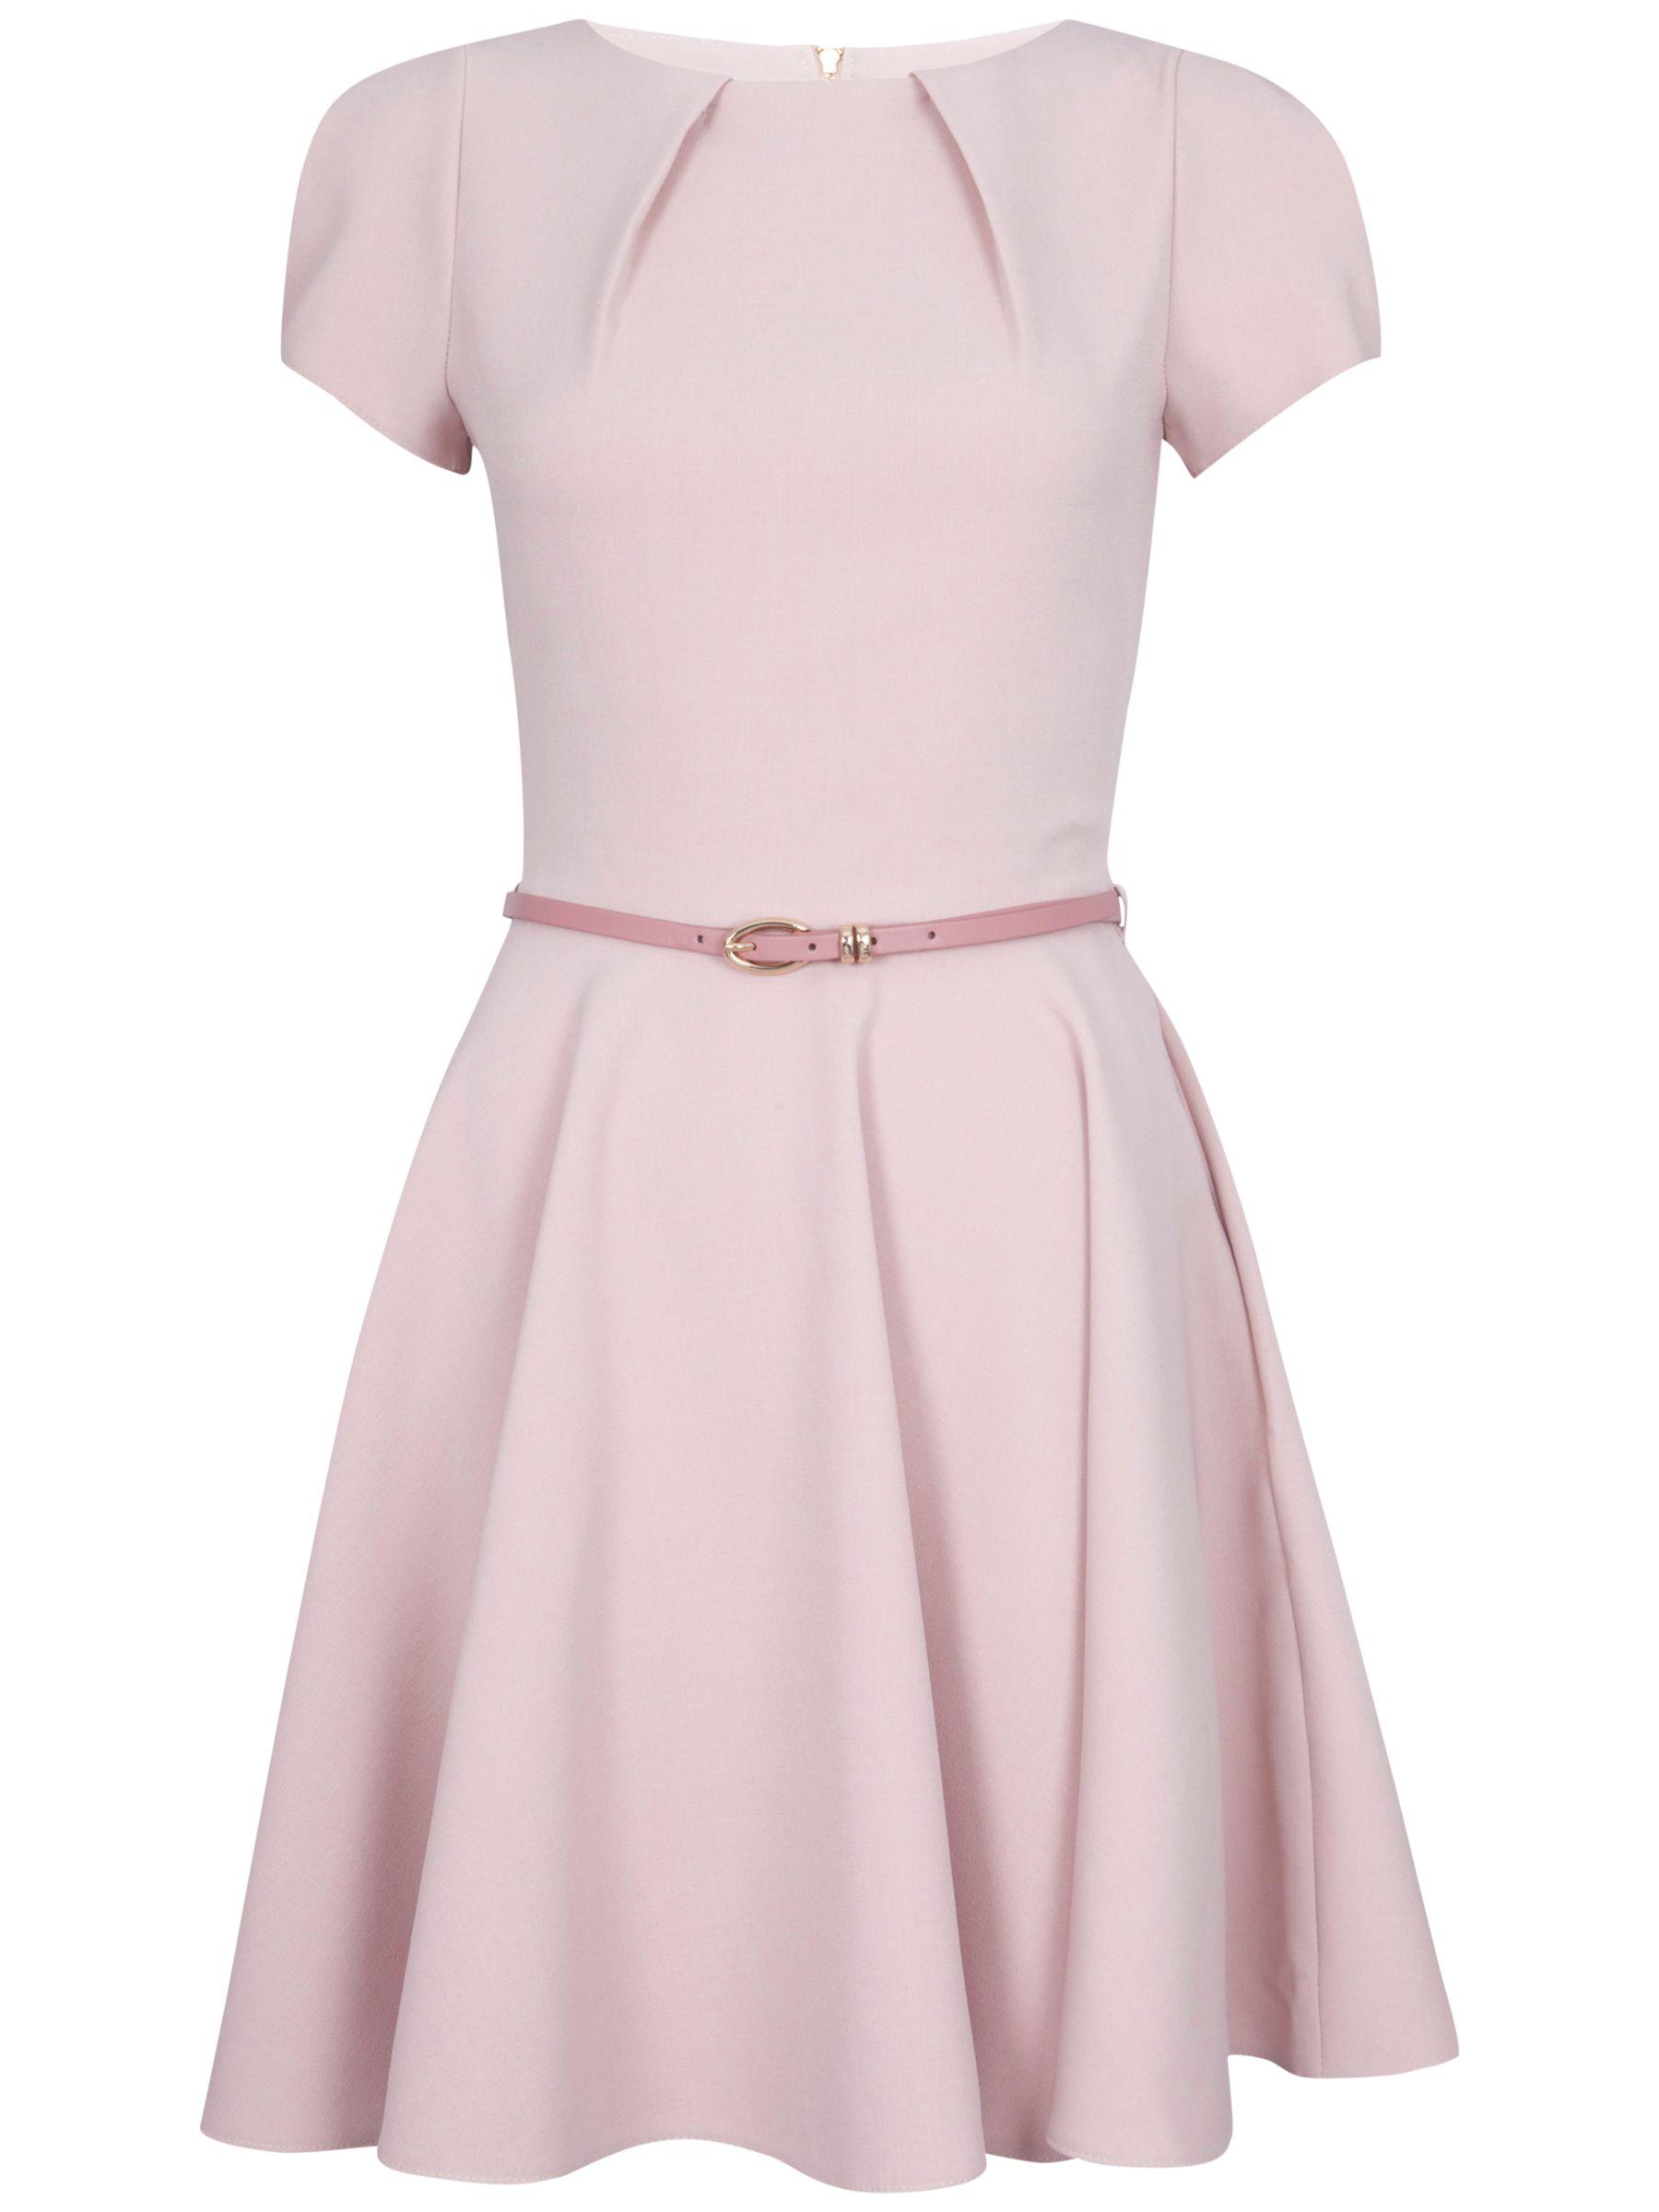 closet flared belt dress dusky pink, closet, flared, belt, dress, dusky, pink, 8|10, clearance, womenswear offers, womens dresses offers, women, womens dresses, special offers, 1635052